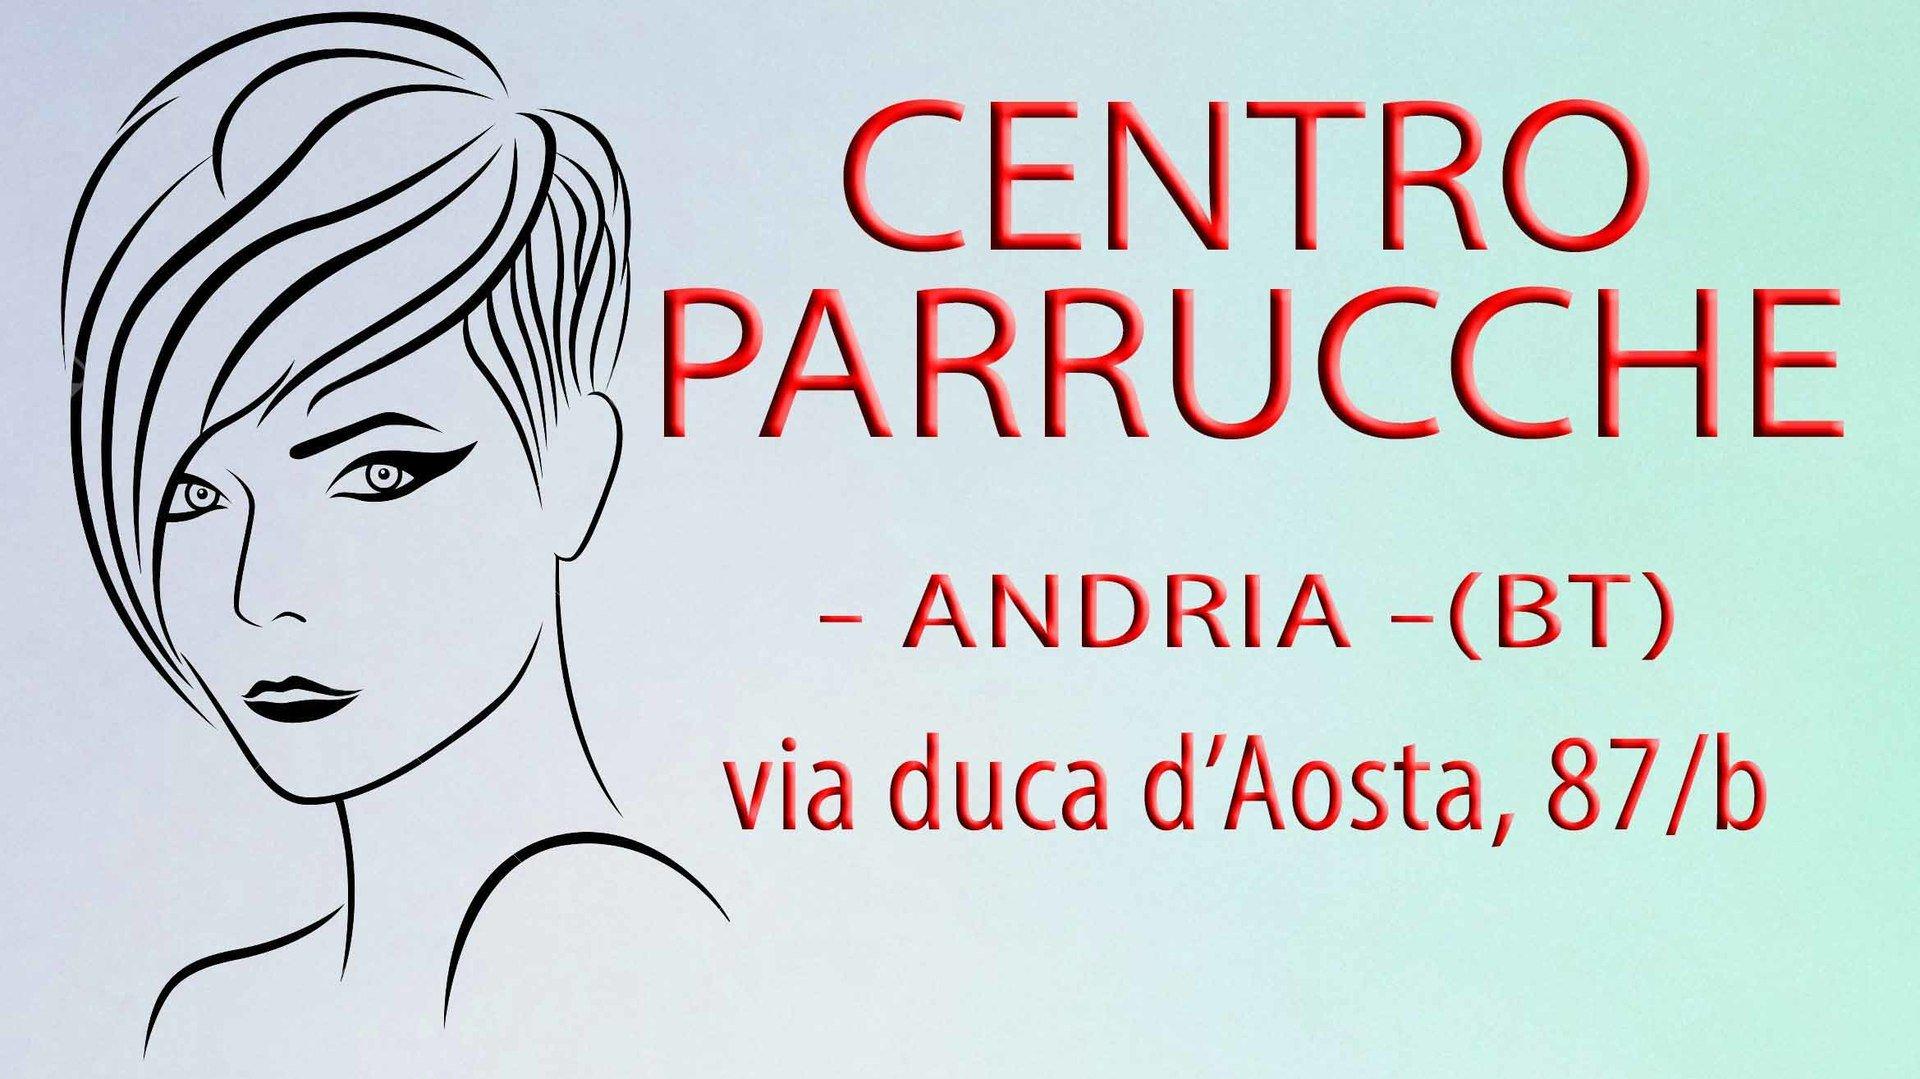 centro parrucche andria - logo